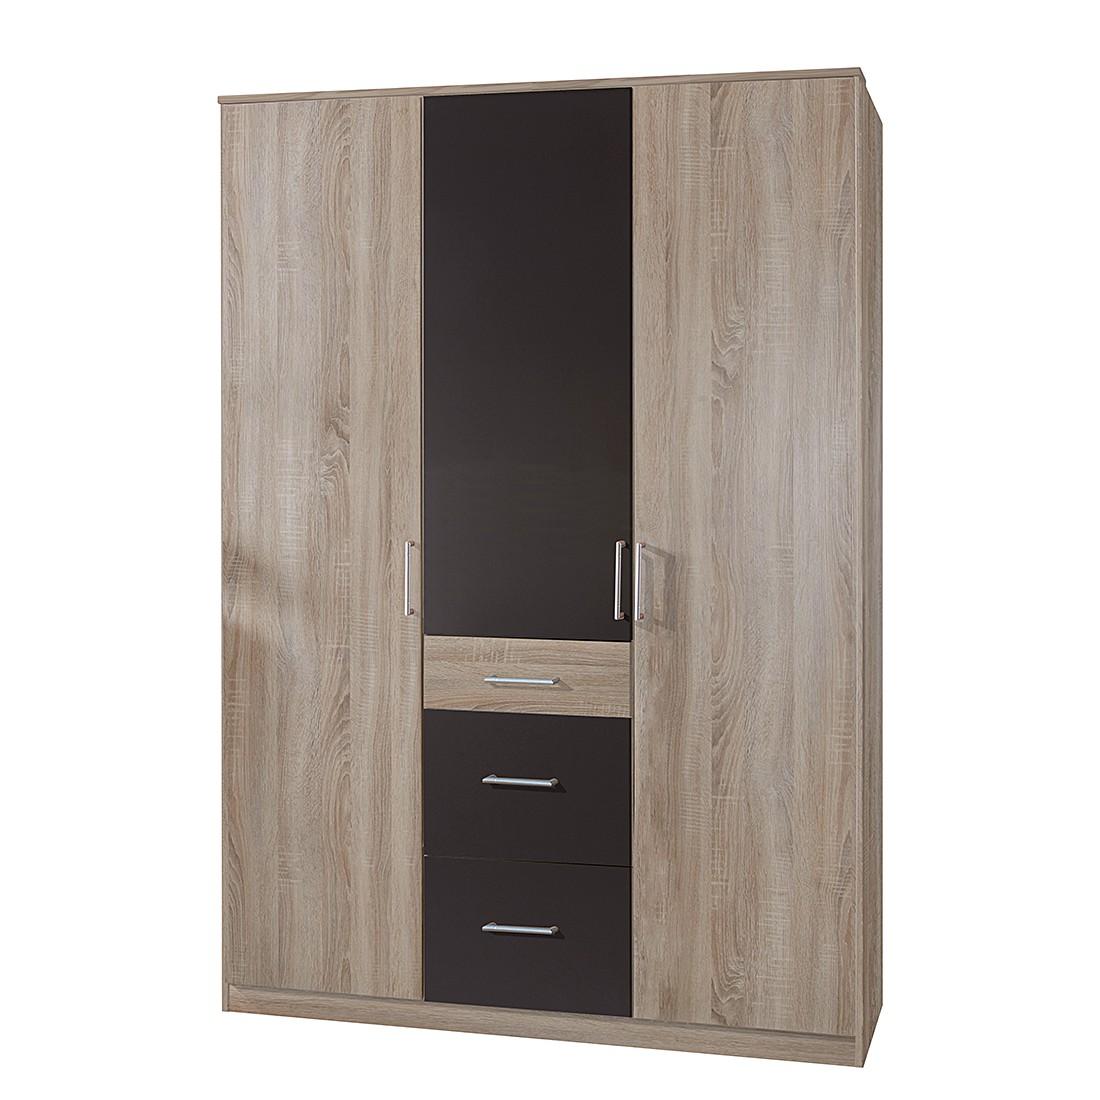 Armoire à portes pivotantes Julan II - Imitation chêne brut de sciage / Graphite - Sans portes miroi